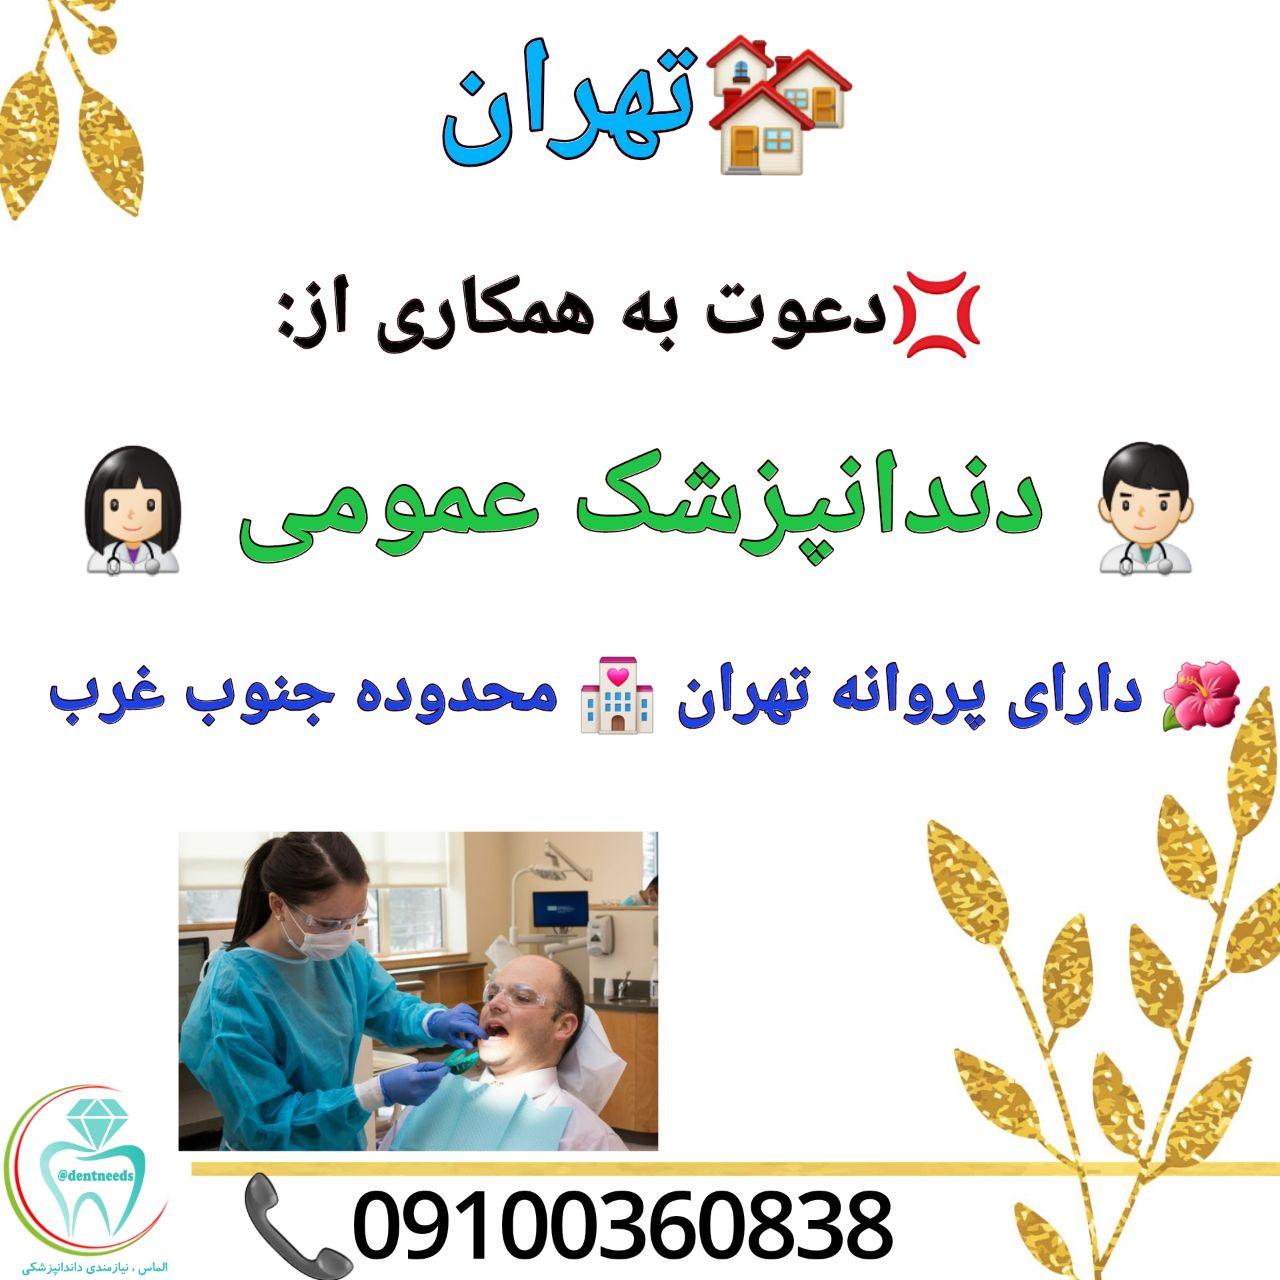 تهران: نیاز به دندانپزشک عمومی